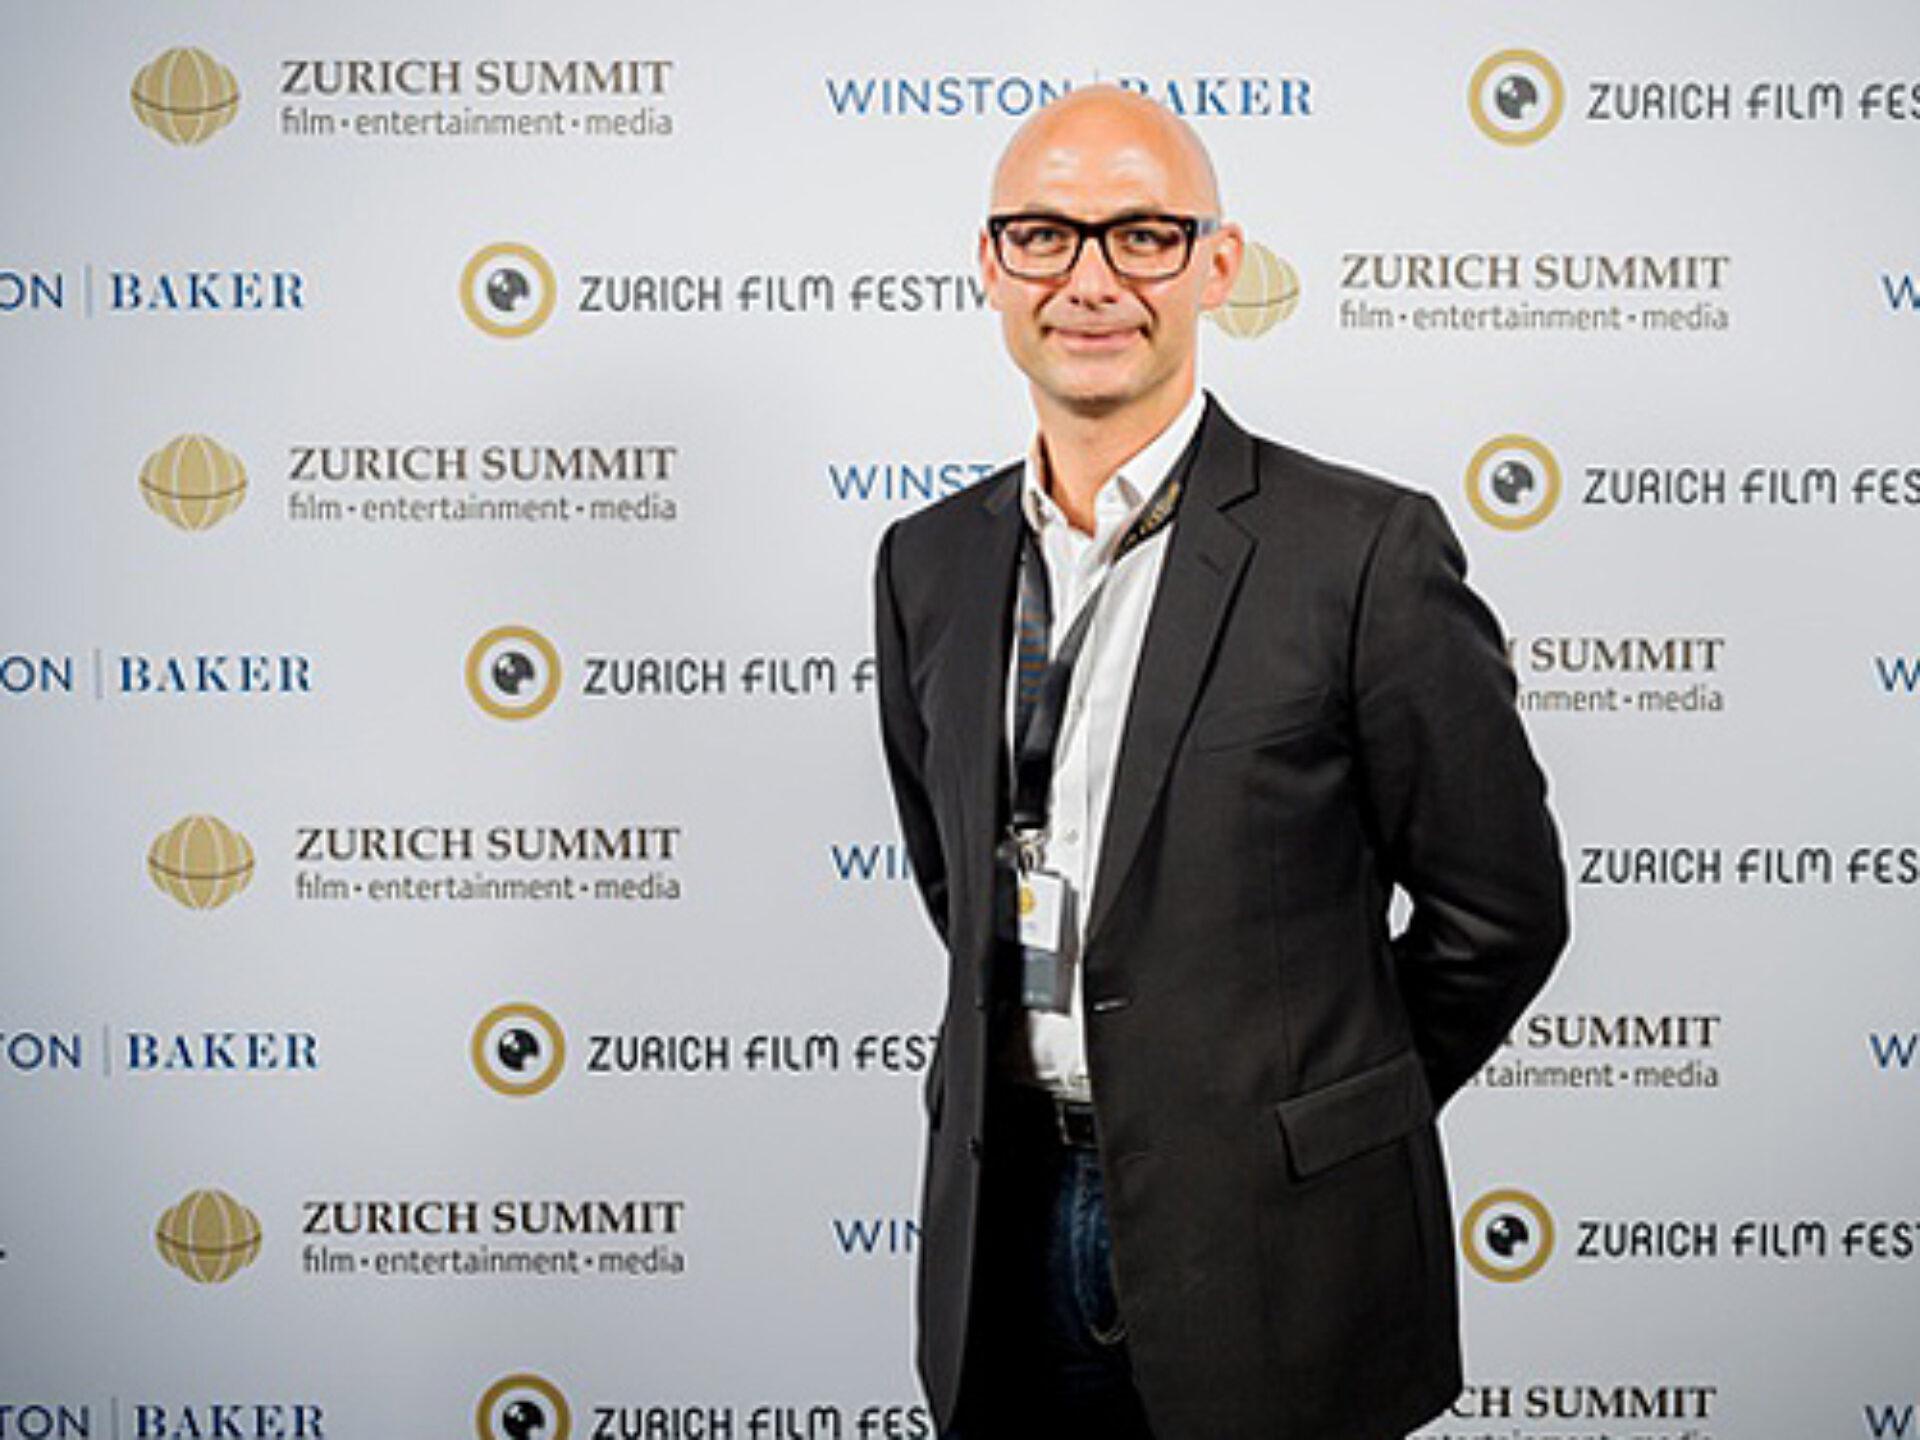 Lanyards Bedruckt Zurich Film Festival